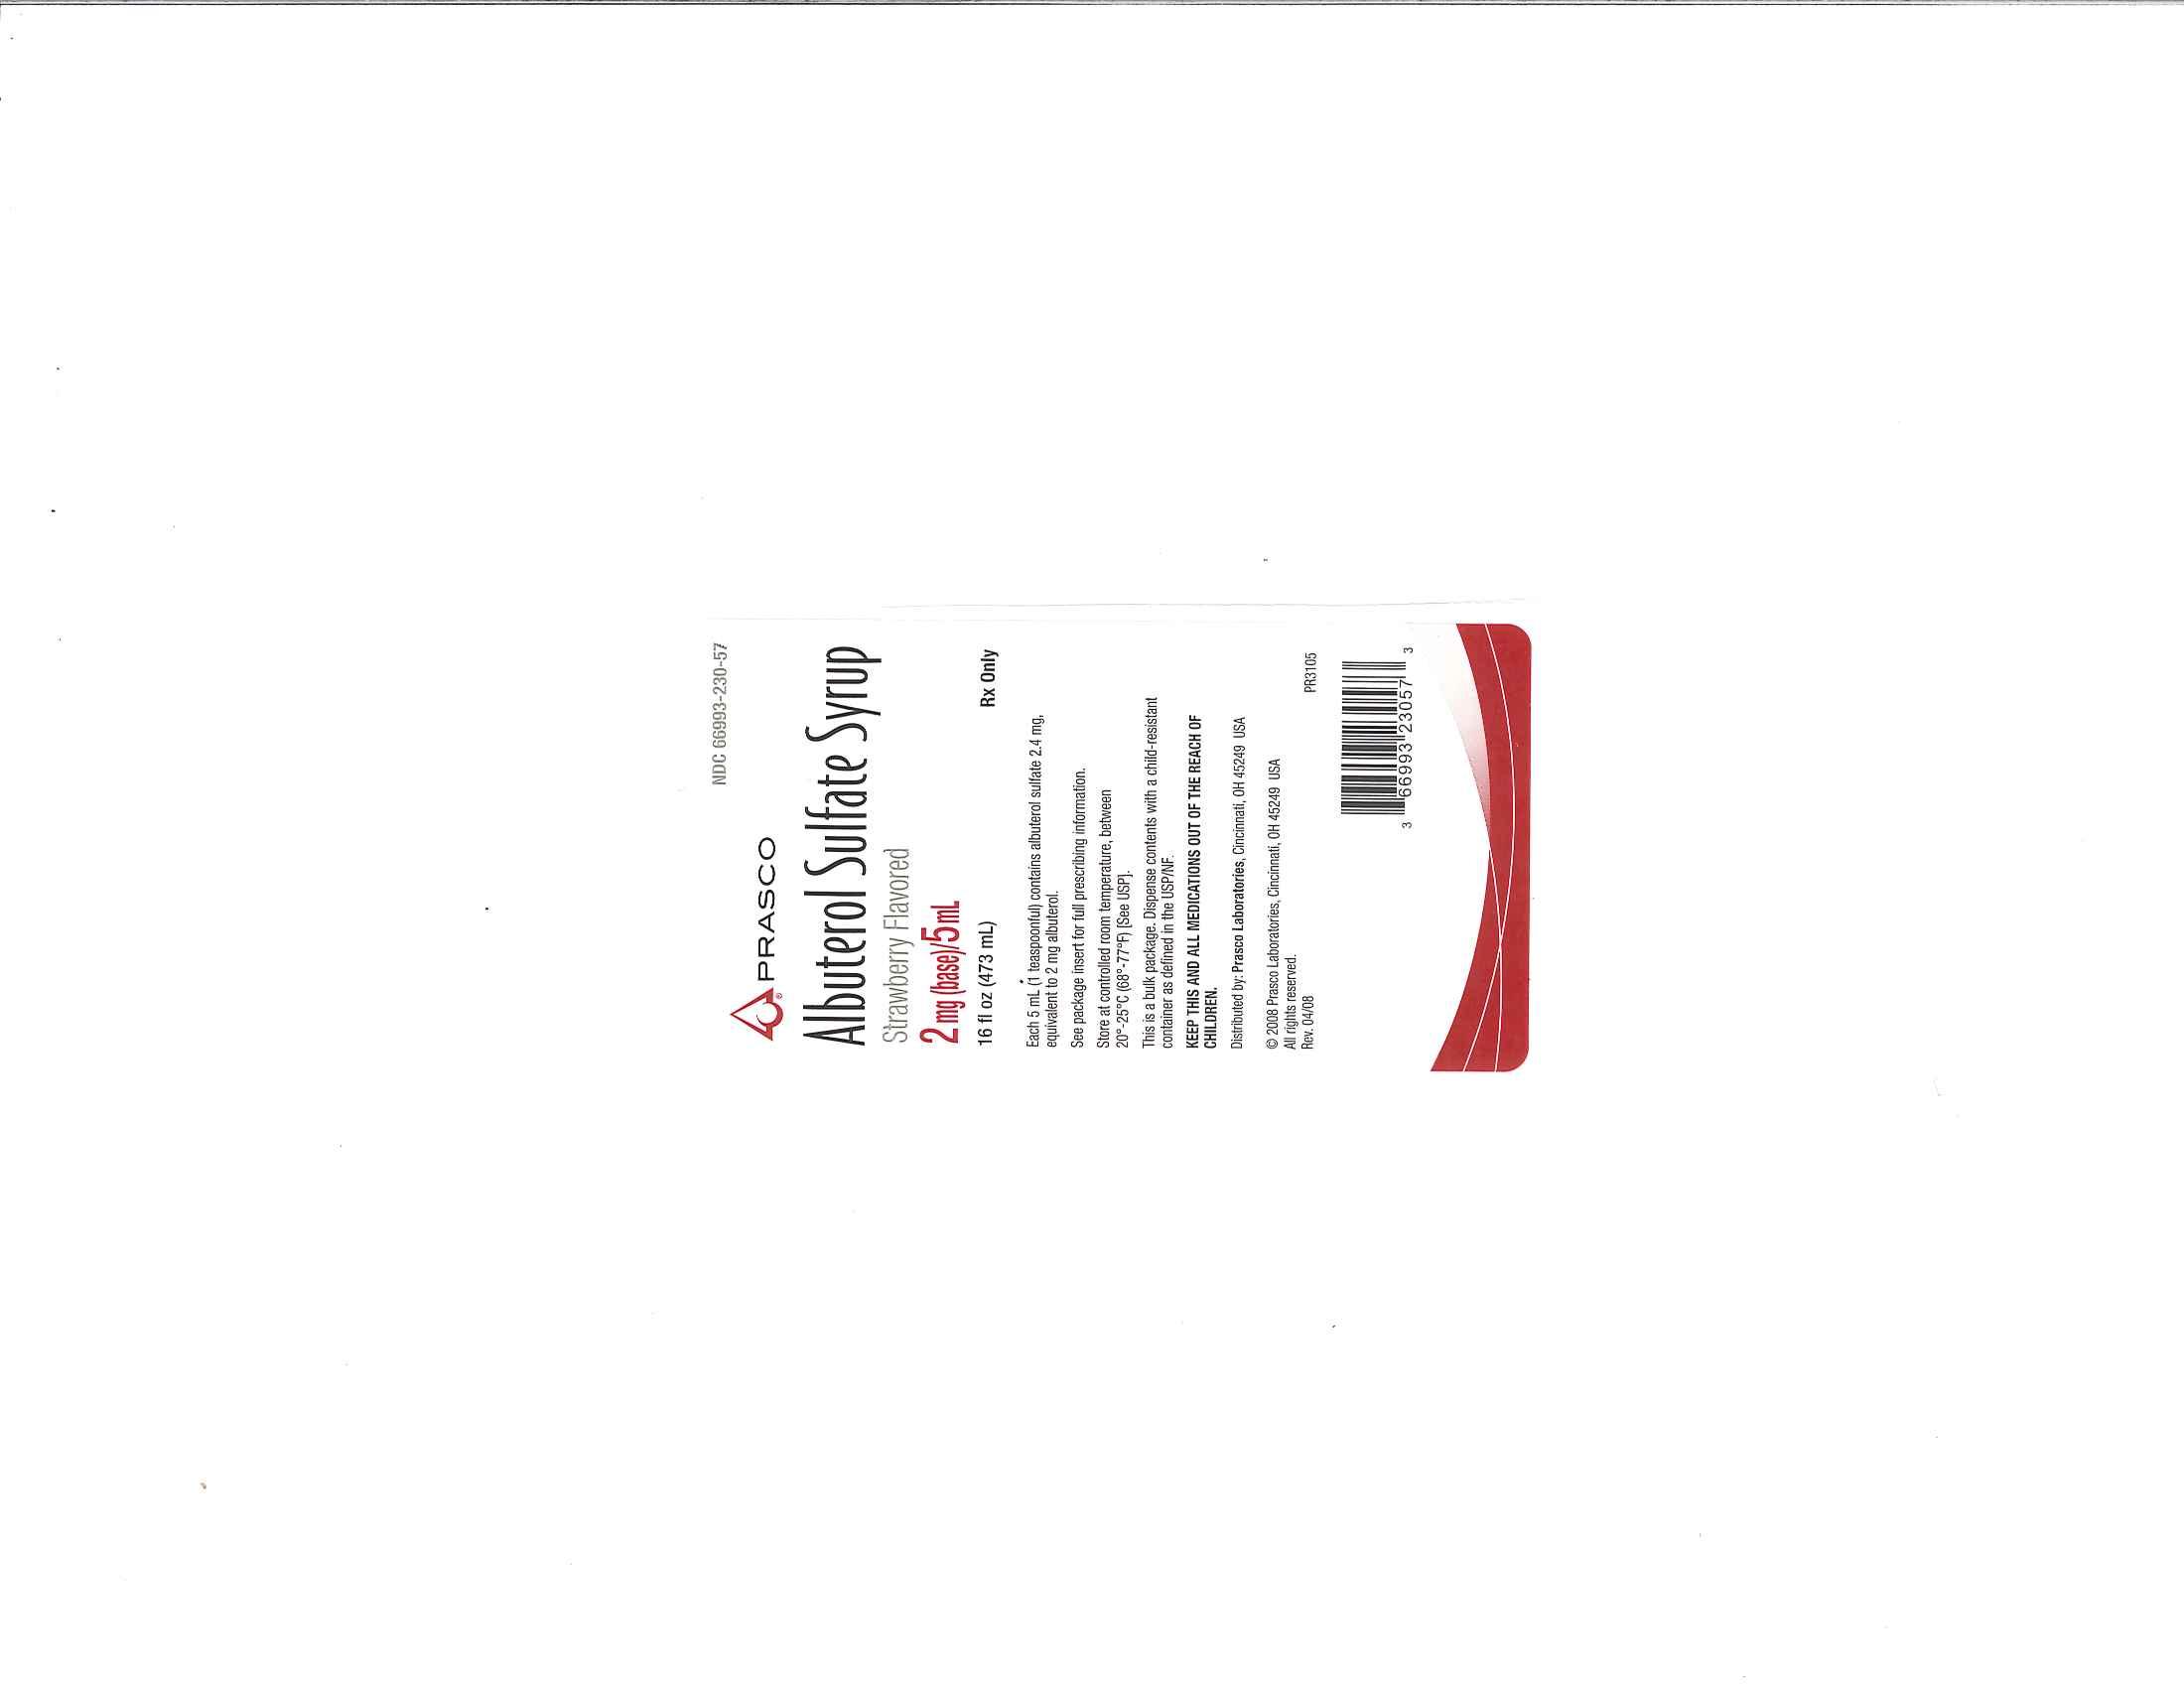 Albuterol Sulfate   Prasco Laboratories Breastfeeding